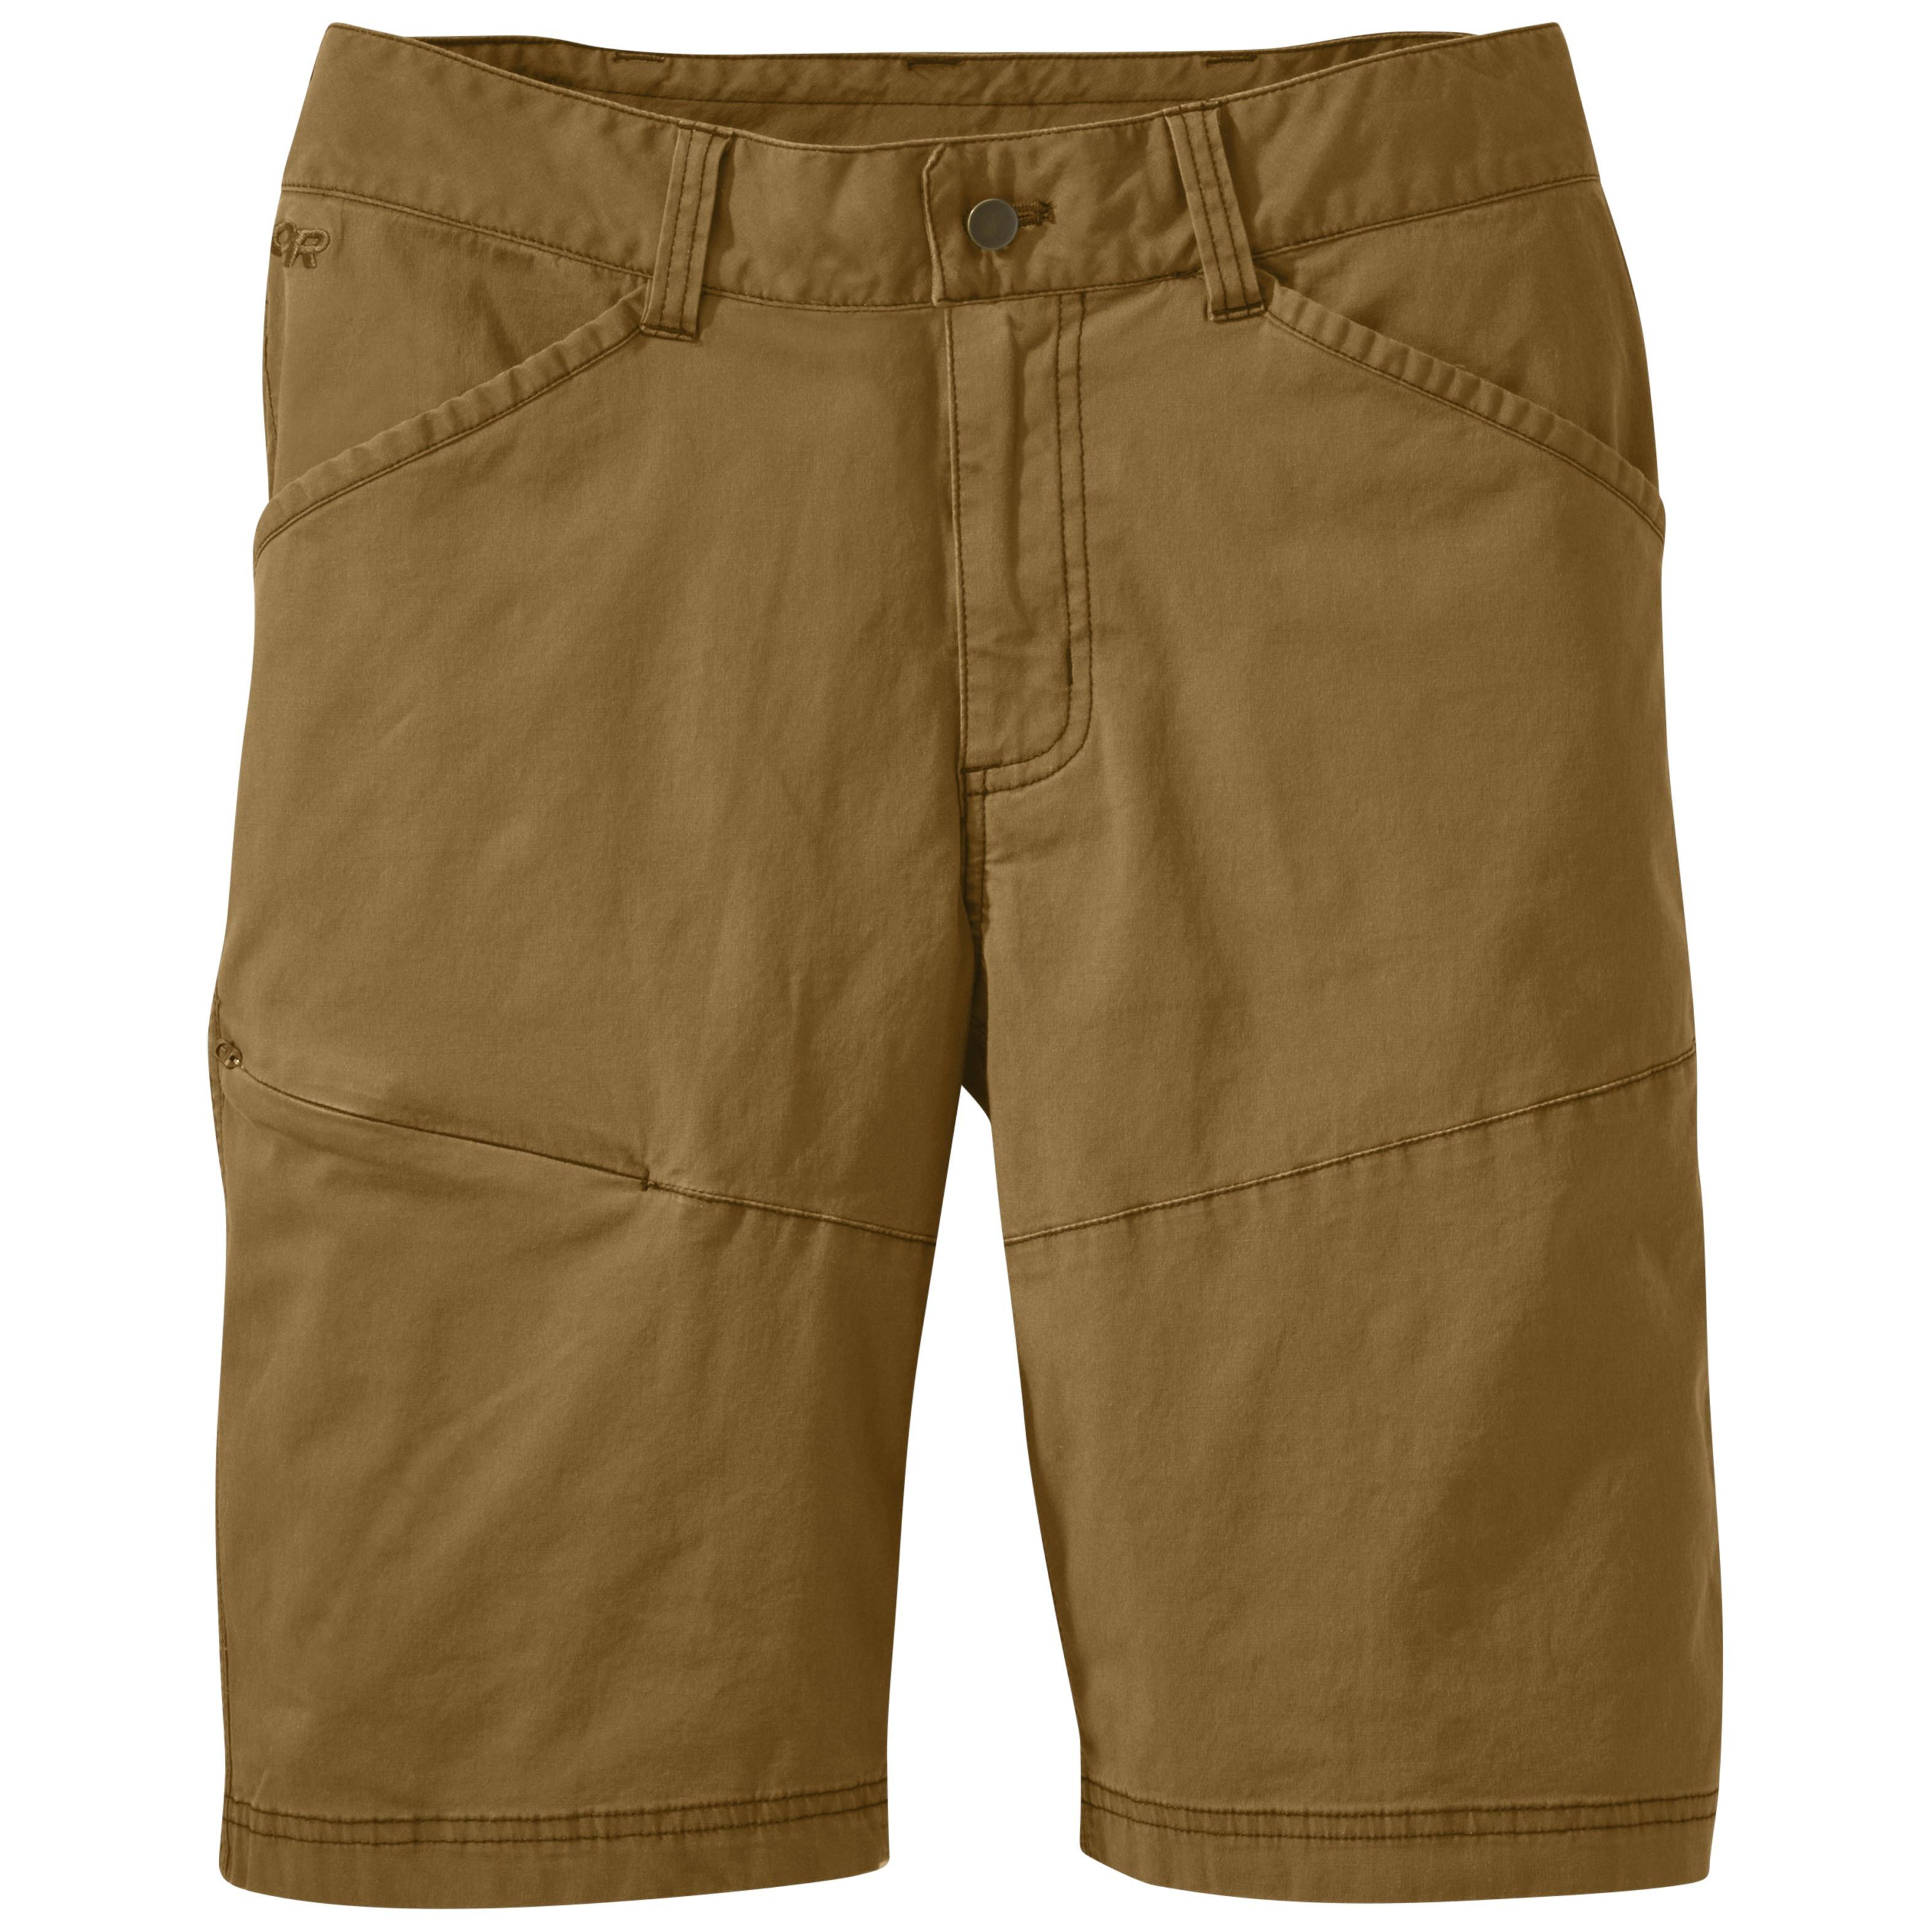 Outdoor Research Men's Wadi Rum Shorts-ochre-34